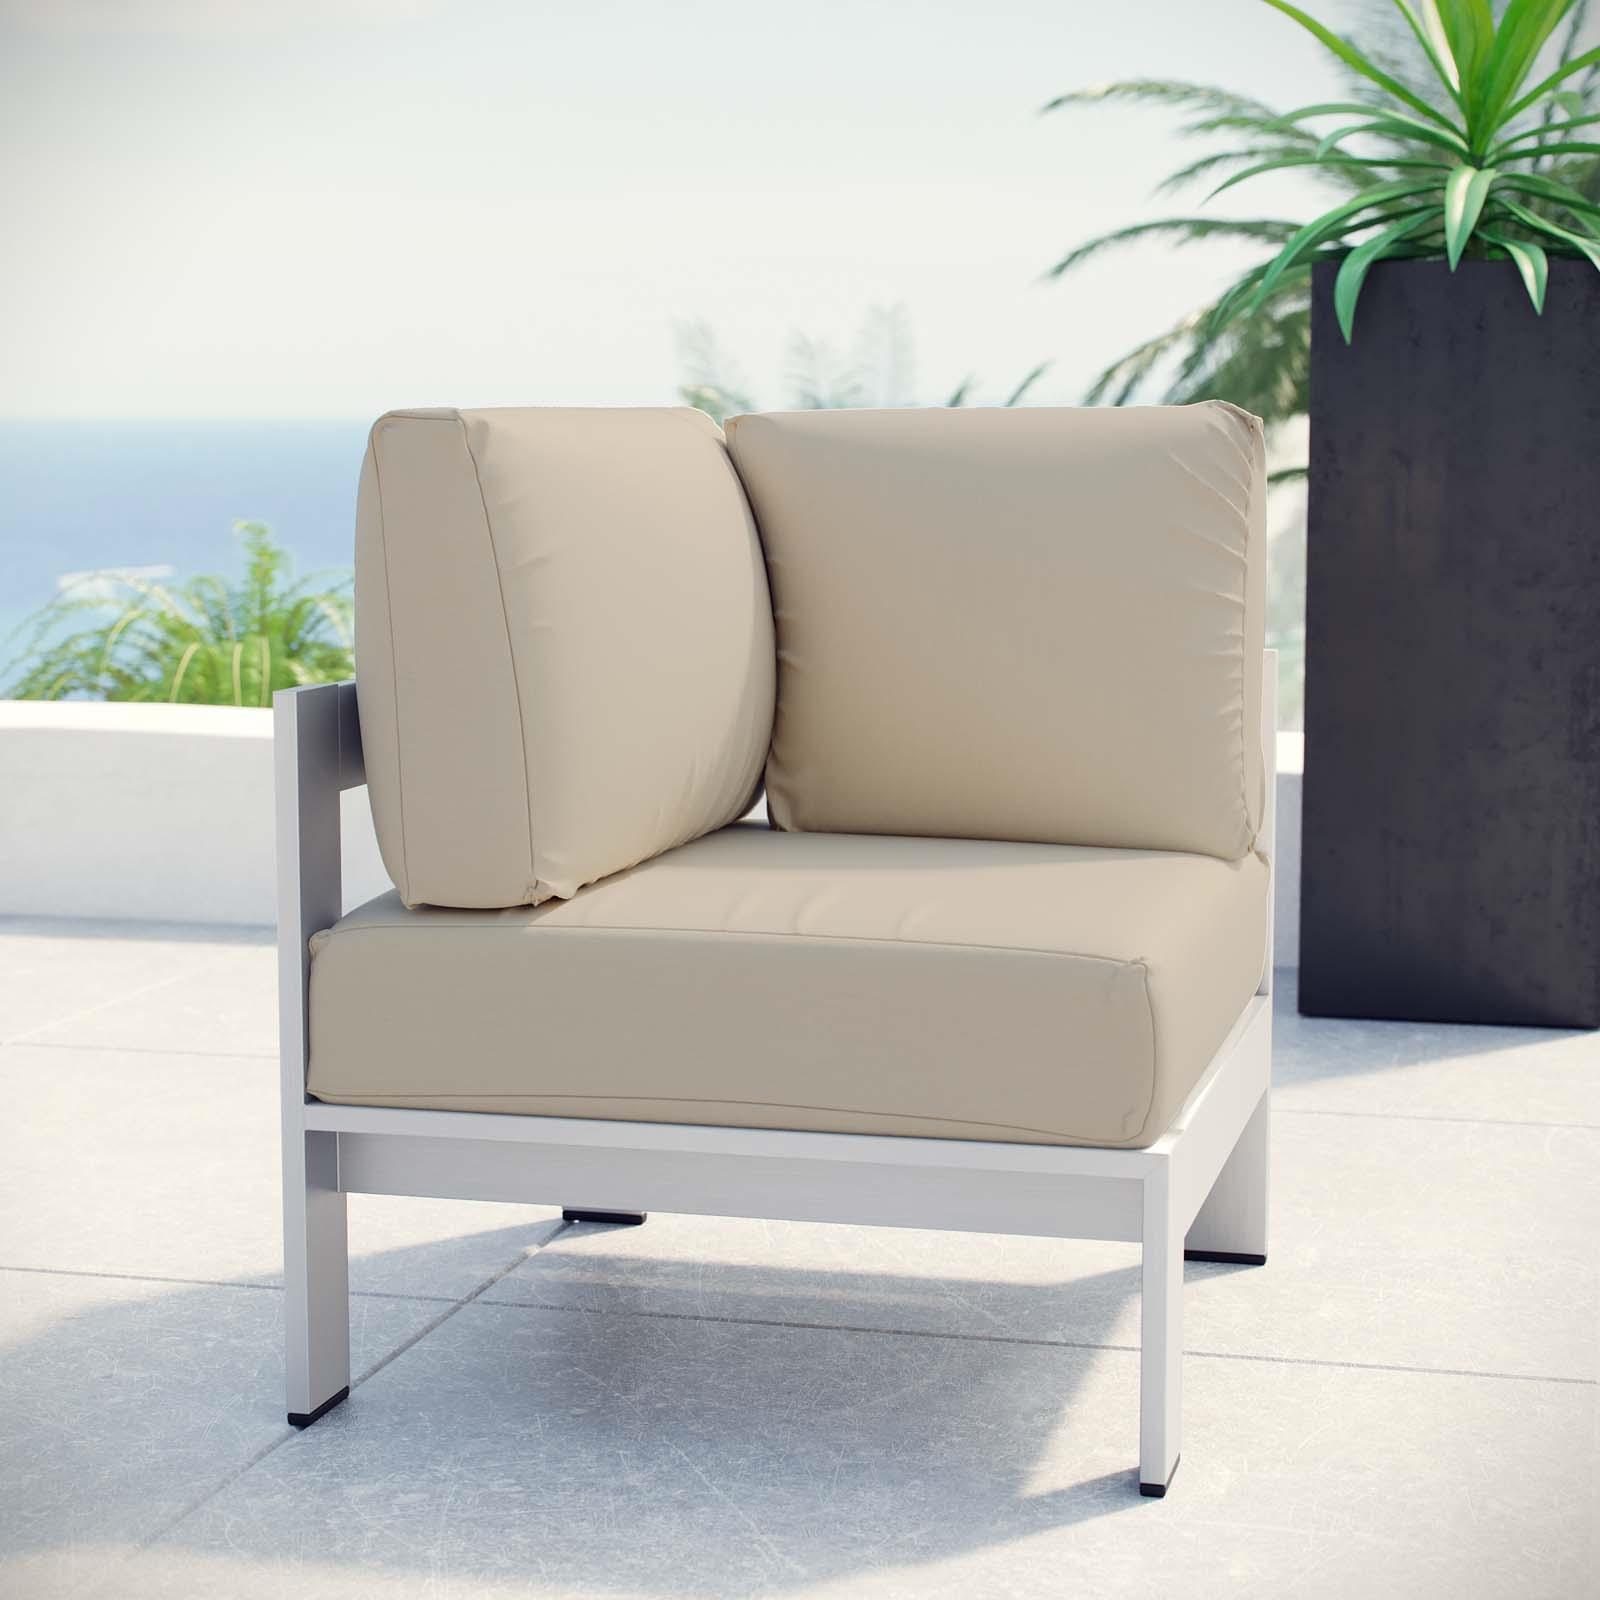 Shore Outdoor Patio Aluminum Corner Sofa in Silver Beige